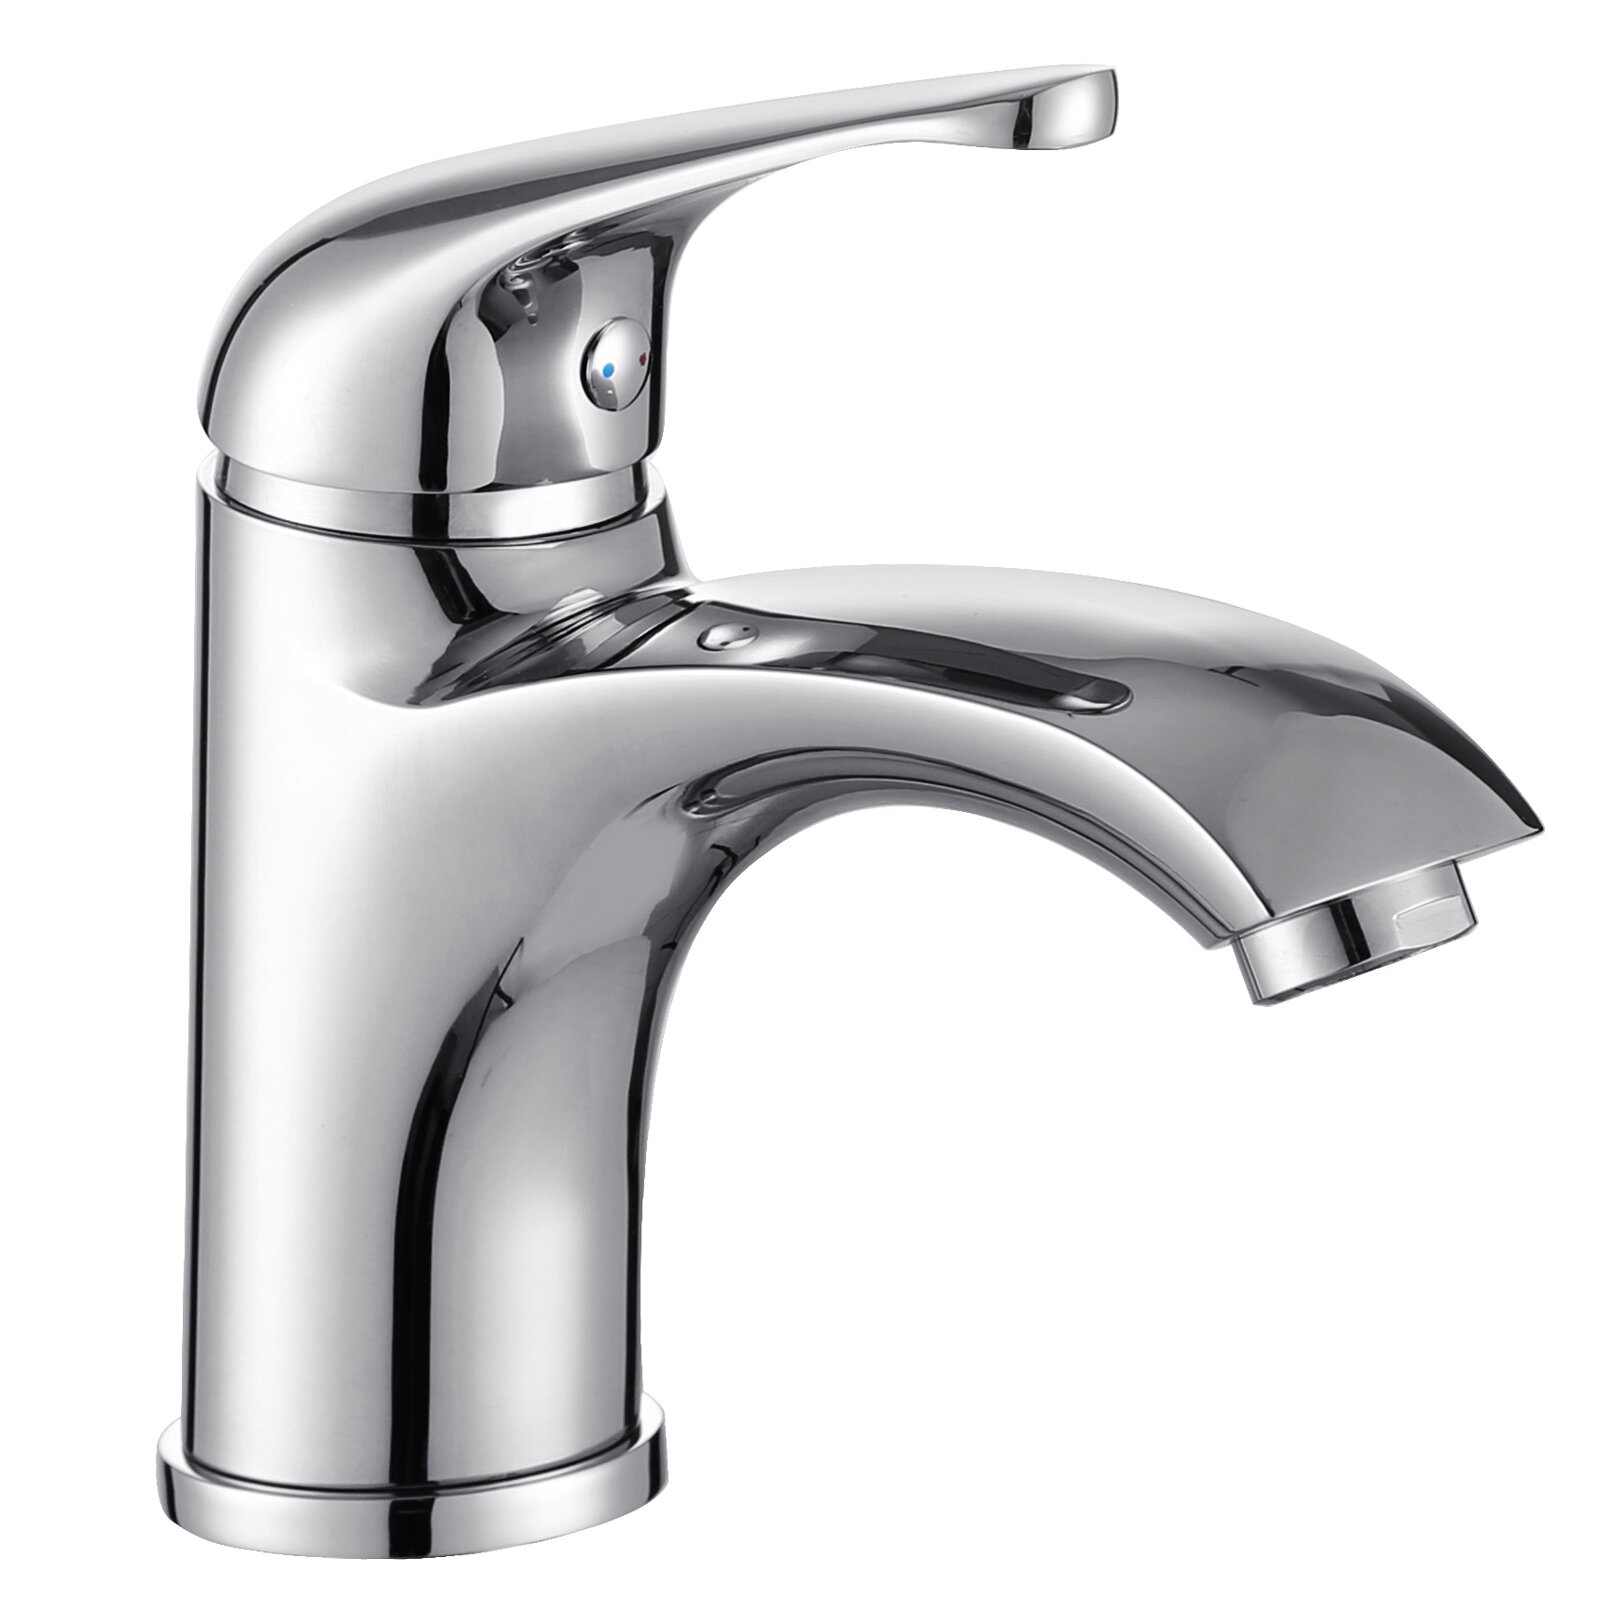 Elite Single Handle Bathroom Faucet With Edged Spout Reviews Wayfair